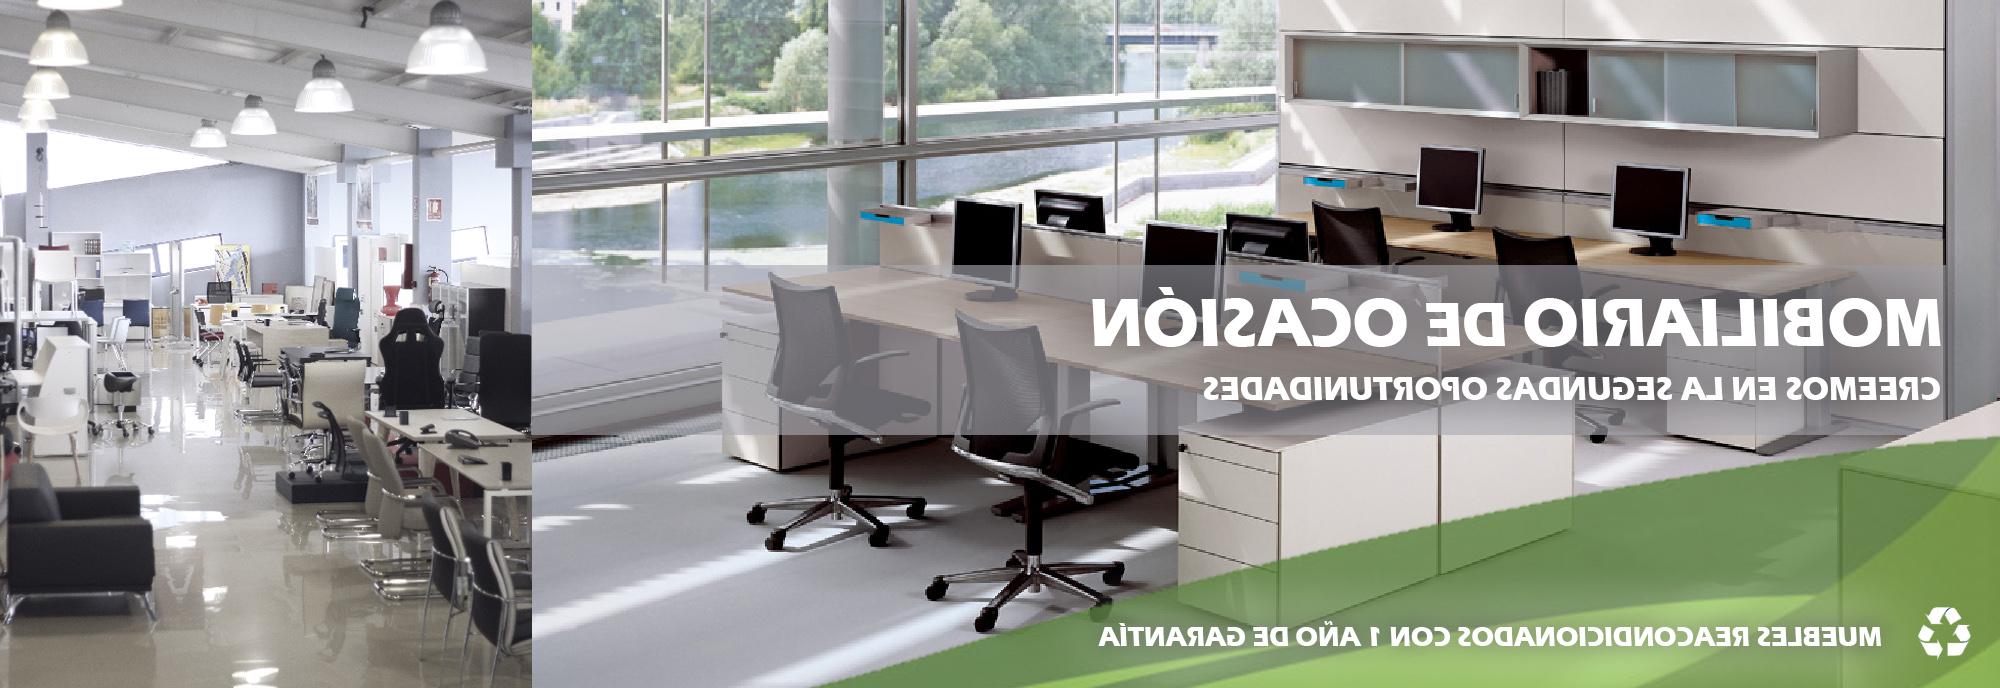 Muebles De Oficina De Segunda Mano Ffdn Muebles Oficina Segunda Mano Tienda Online Muebles Oficina Montiel